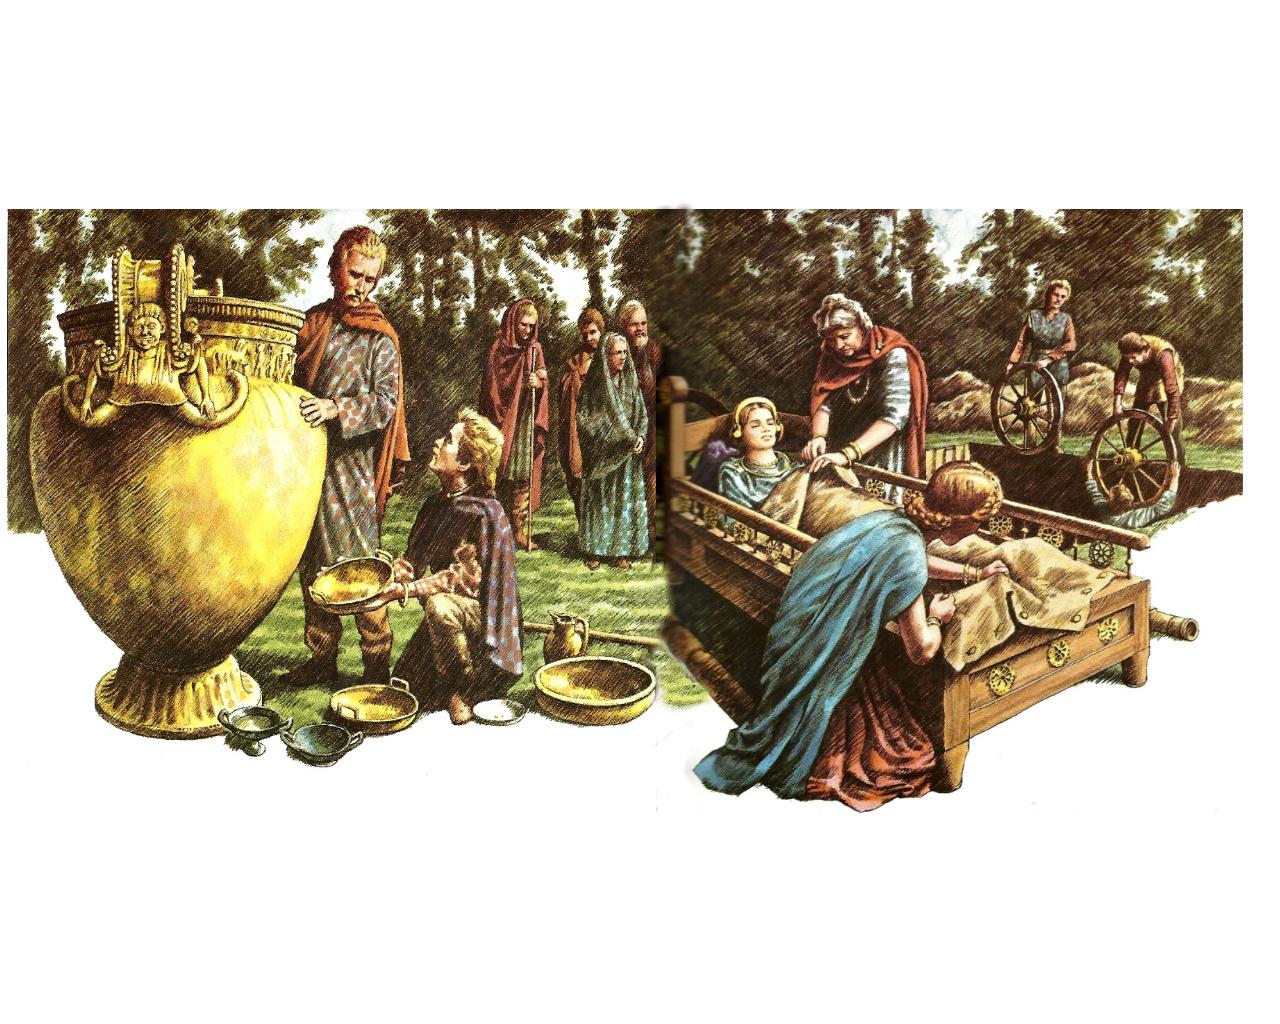 Begräbnis einer Prinzessin - Die Kelten begruben ihre Toten mit ihrer ganzen Habe für die Reise ins andere Leben